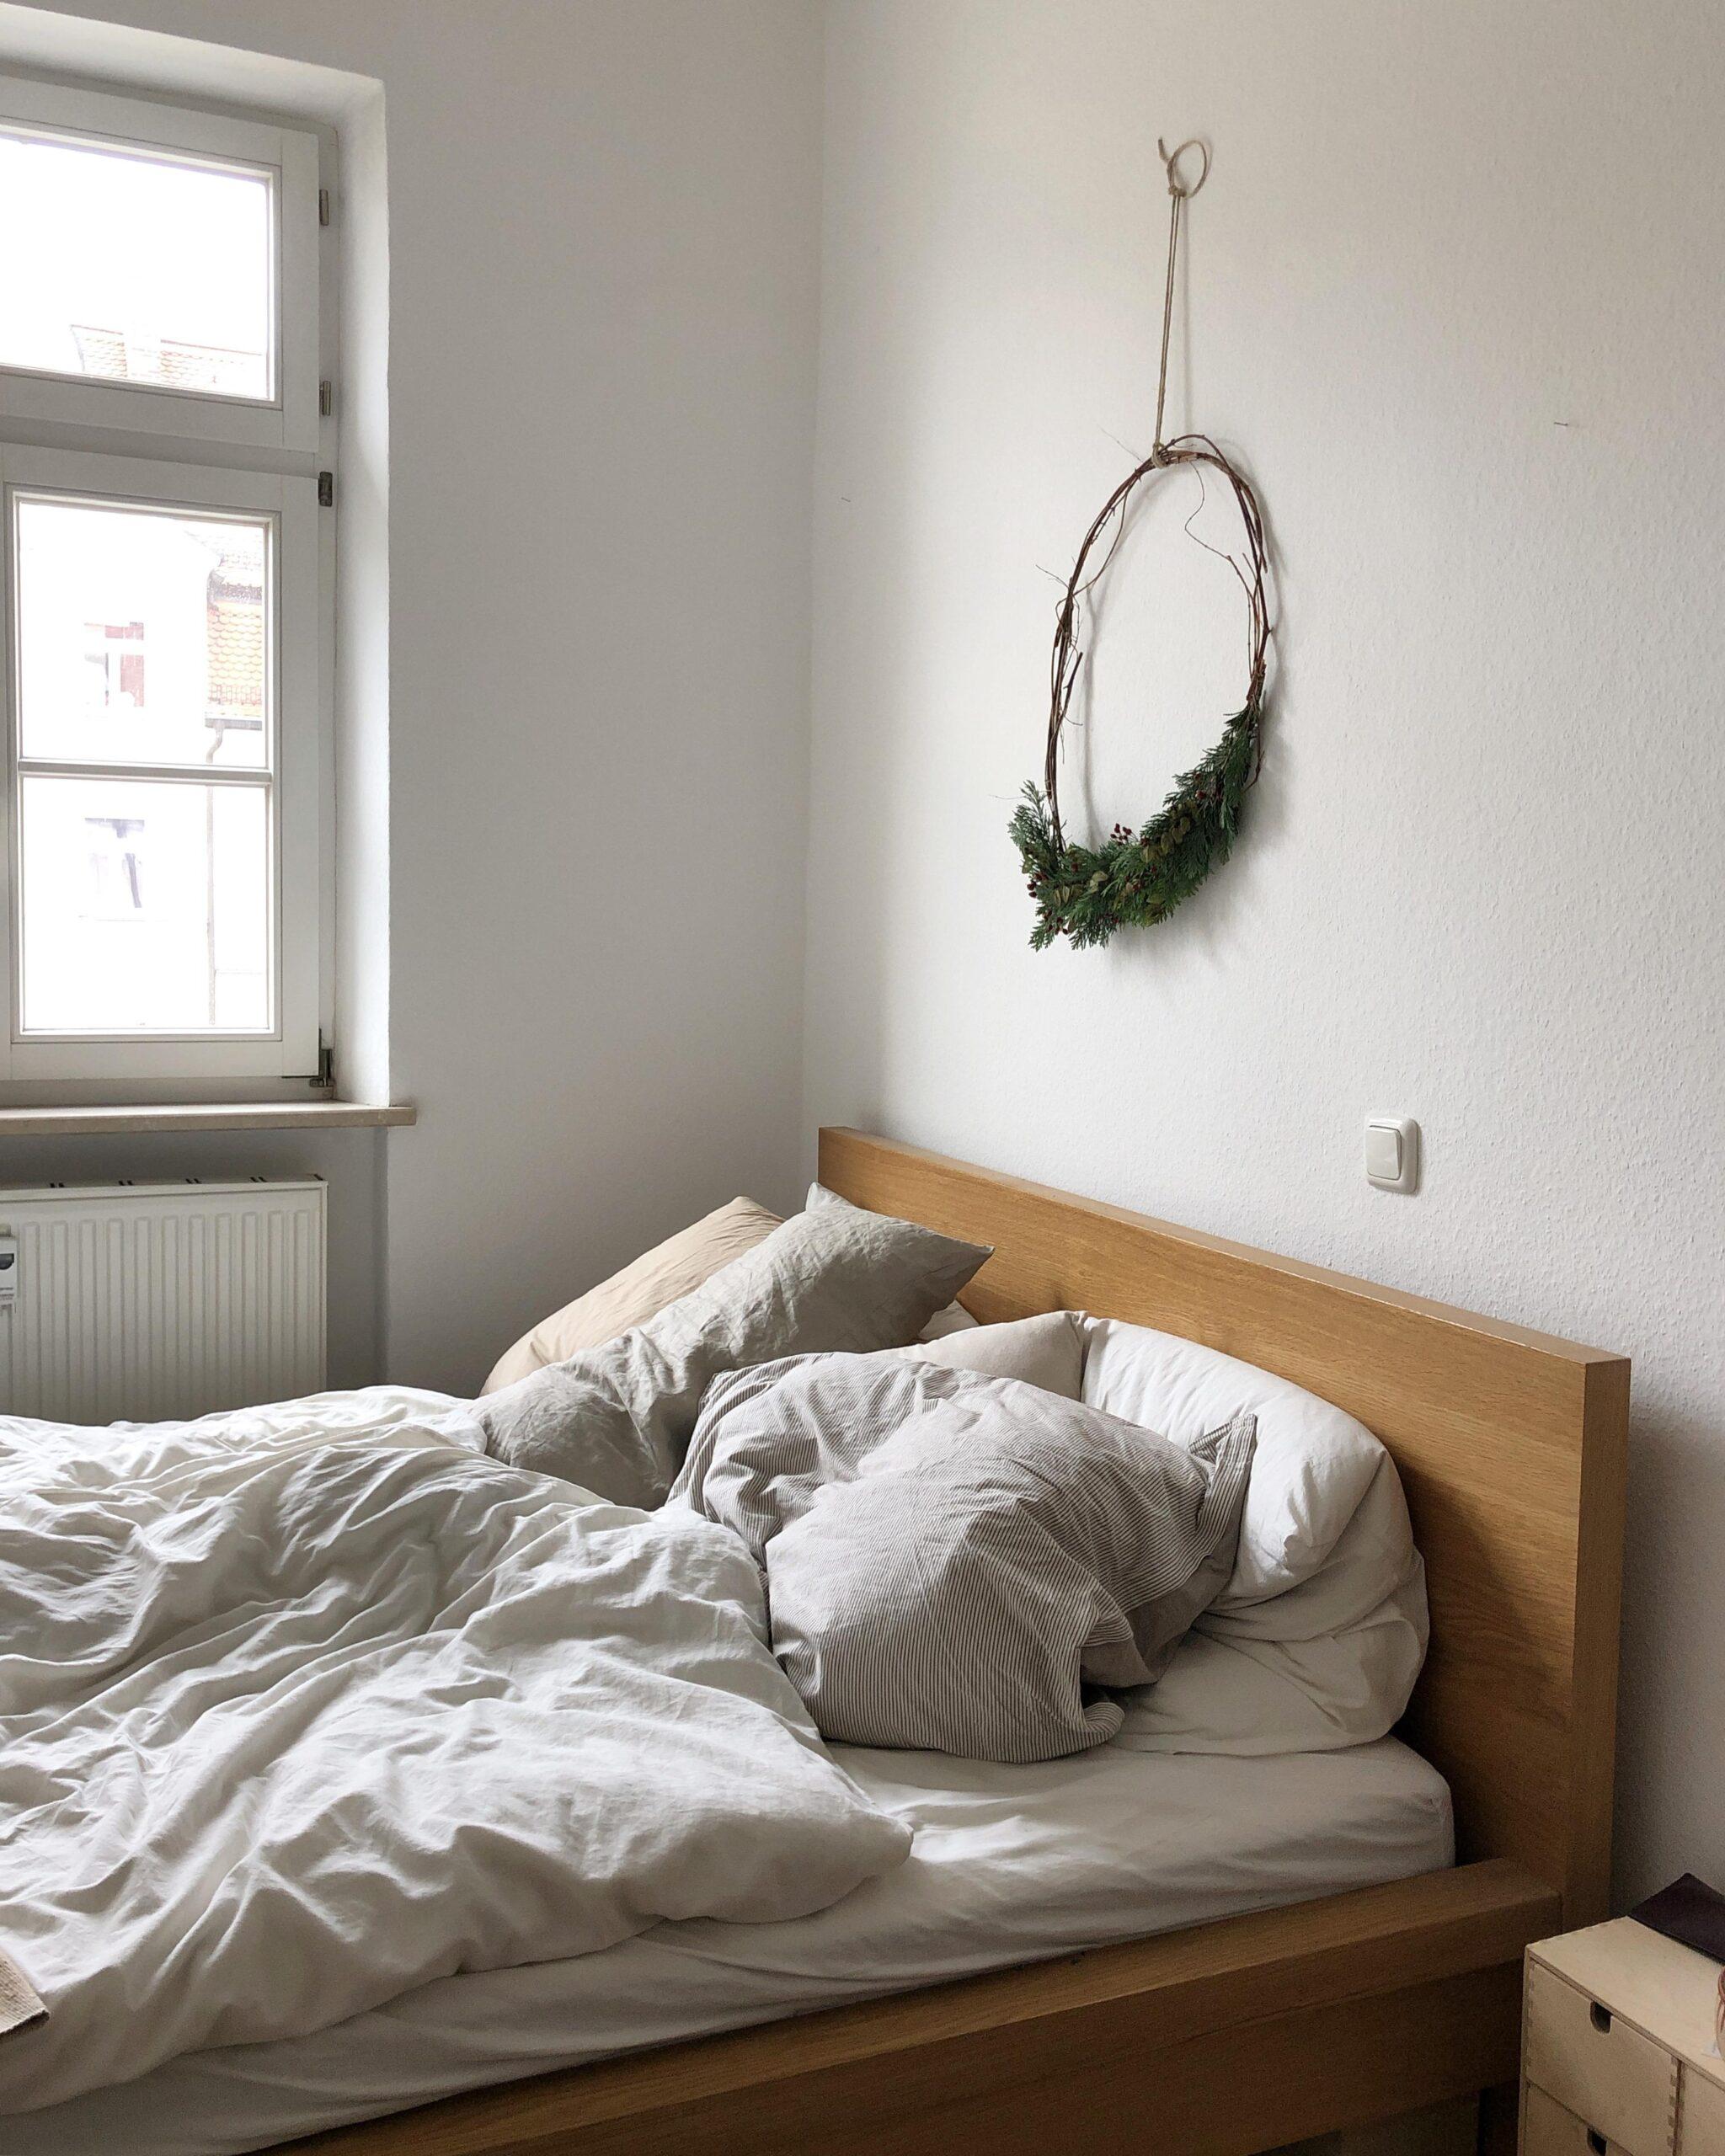 Full Size of Guten Morgen Aus Dem Schlafzimmer Deko Diy Kran Komplett Mit Lattenrost Und Matratze Set Günstig Regal Vorhänge Deckenlampe Wohnzimmer Dekoration Lampe Wohnzimmer Schlafzimmer Deko